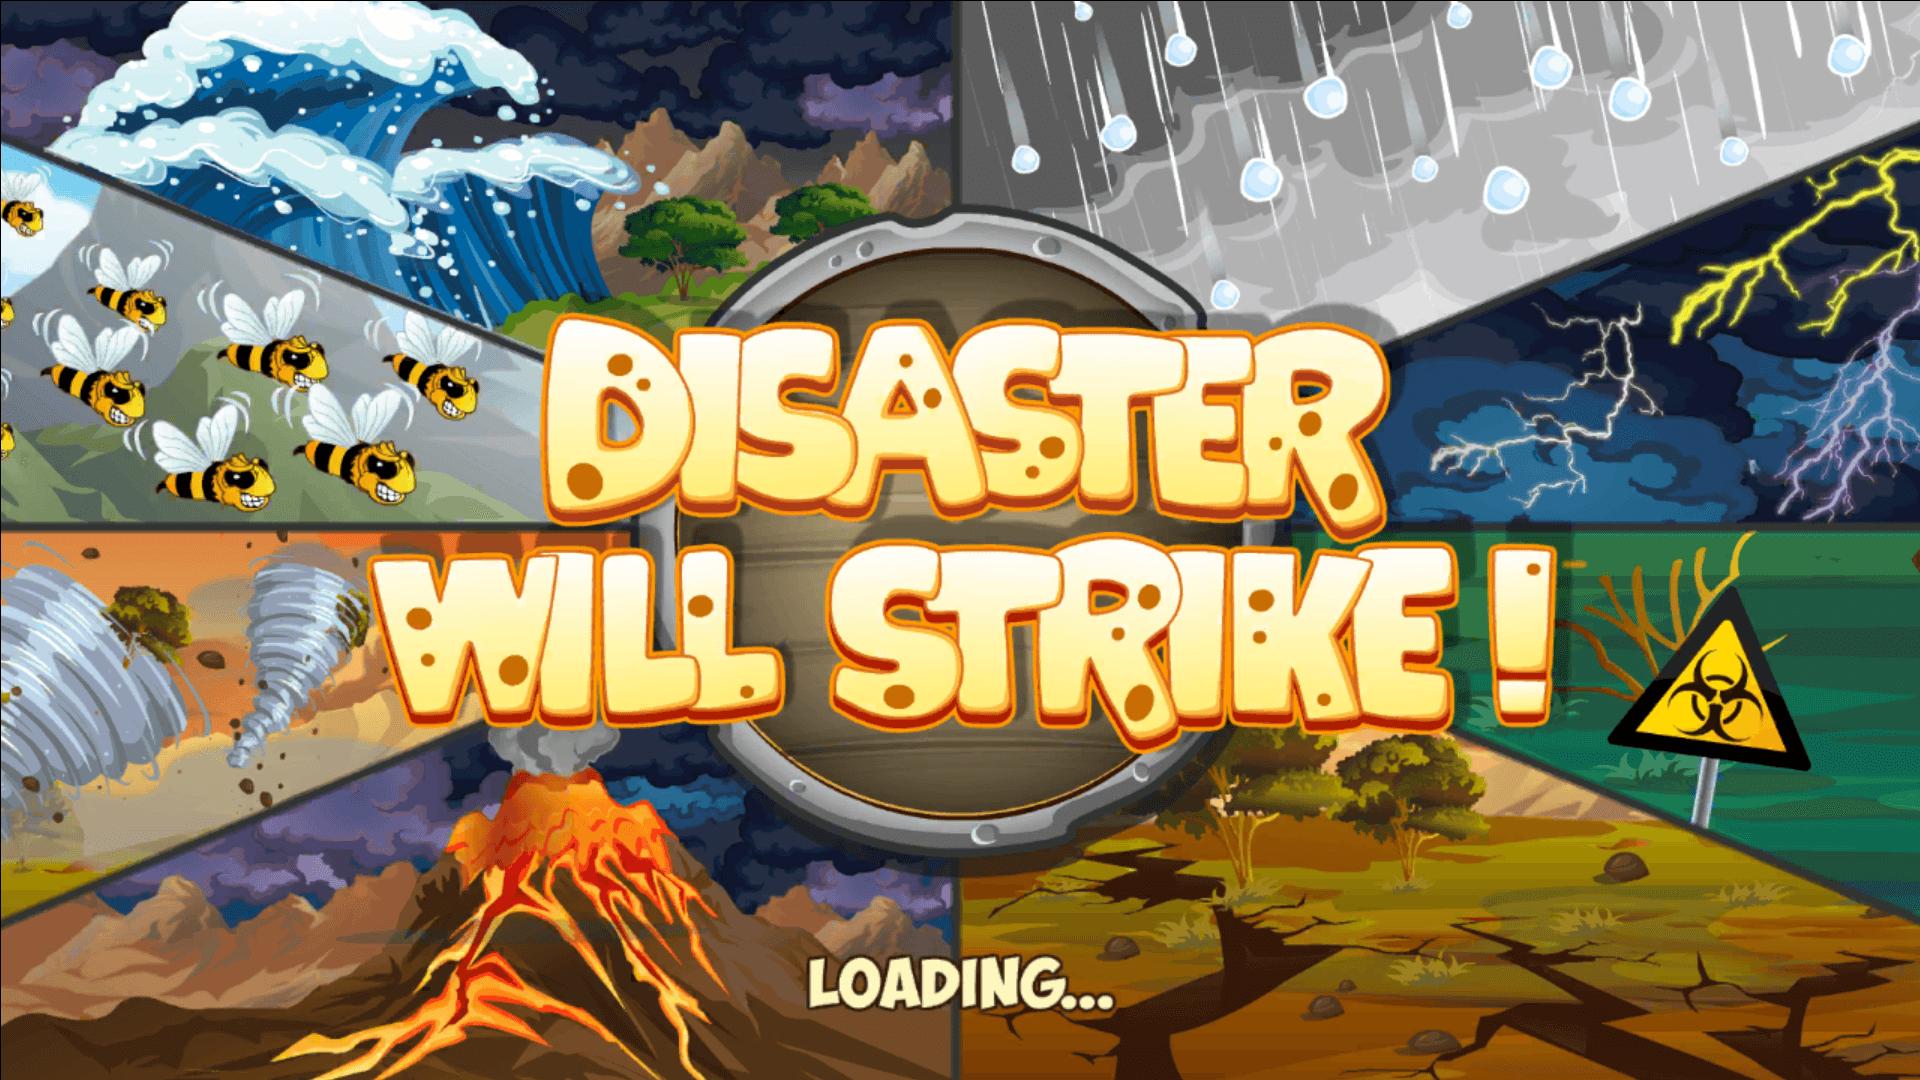 DisasterwillStrike different calamitys